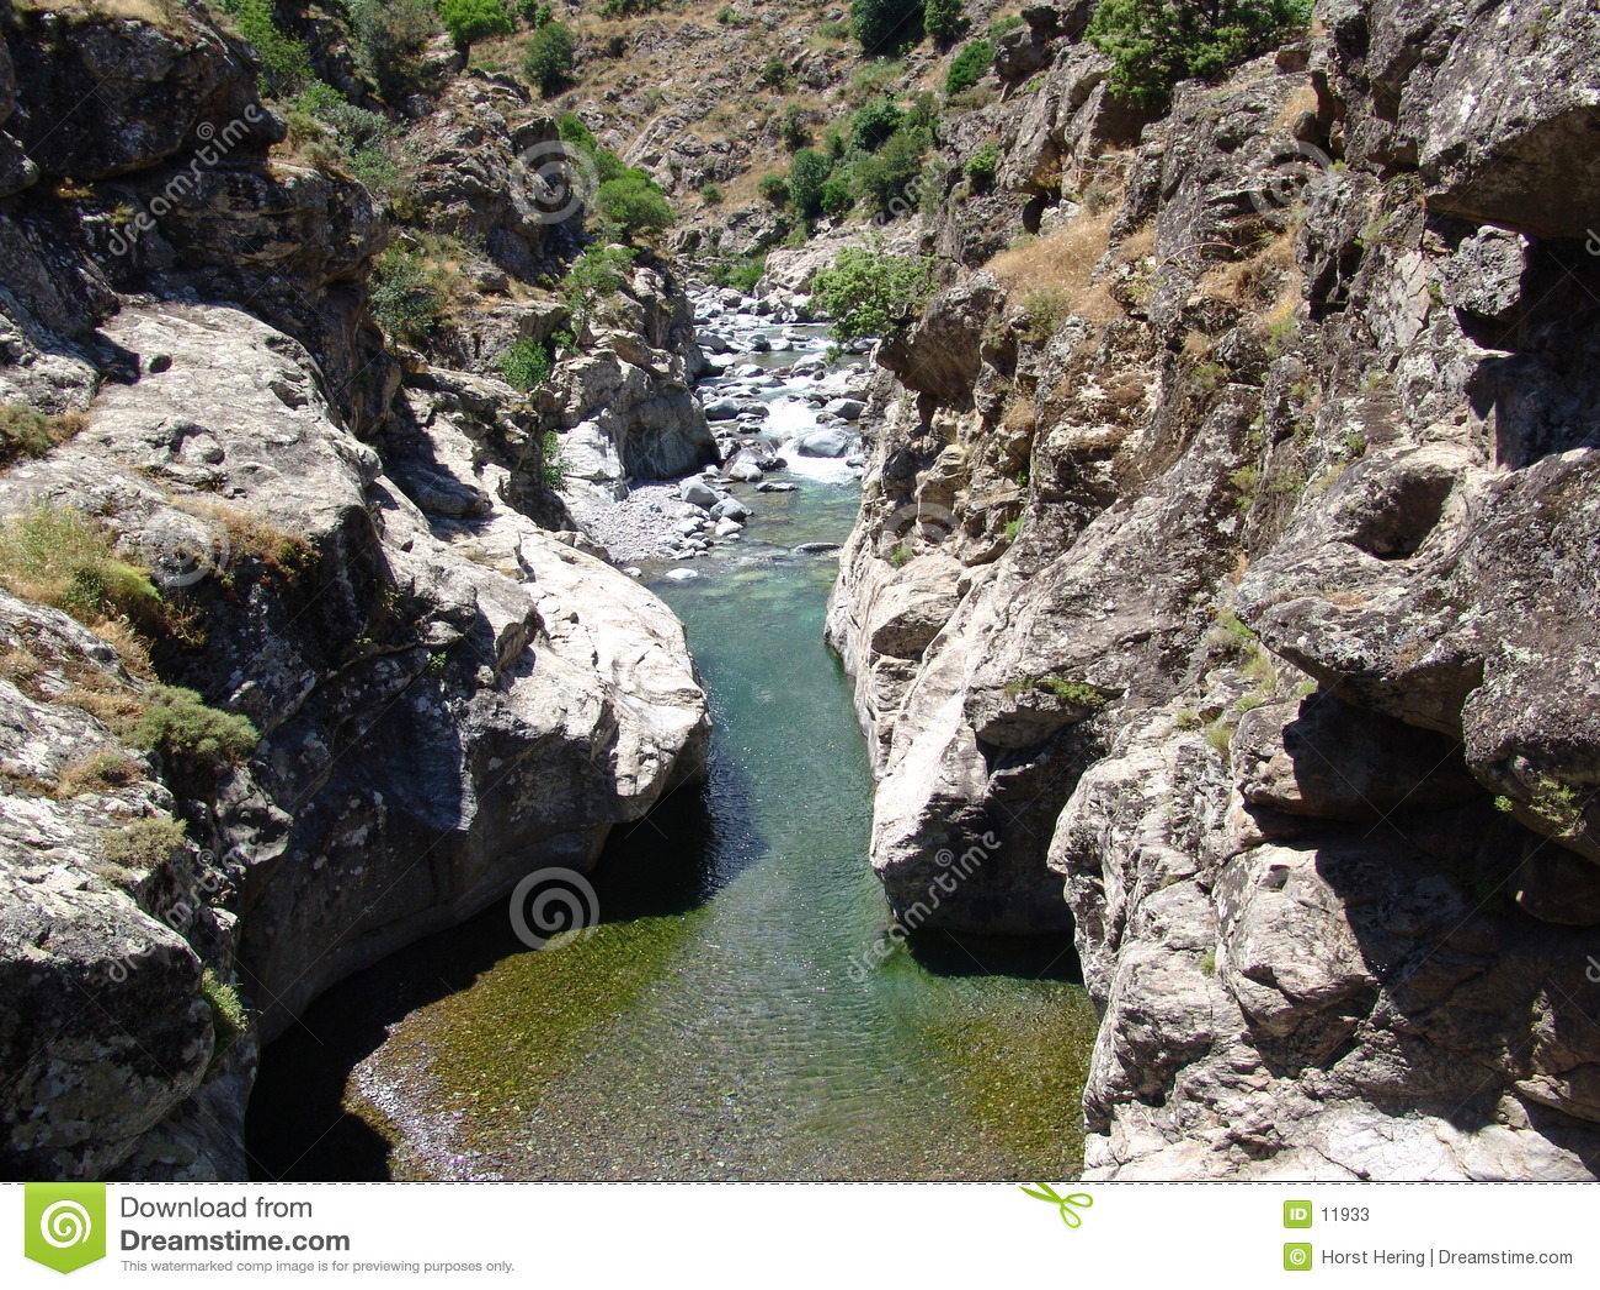 The river Asco in Corsica